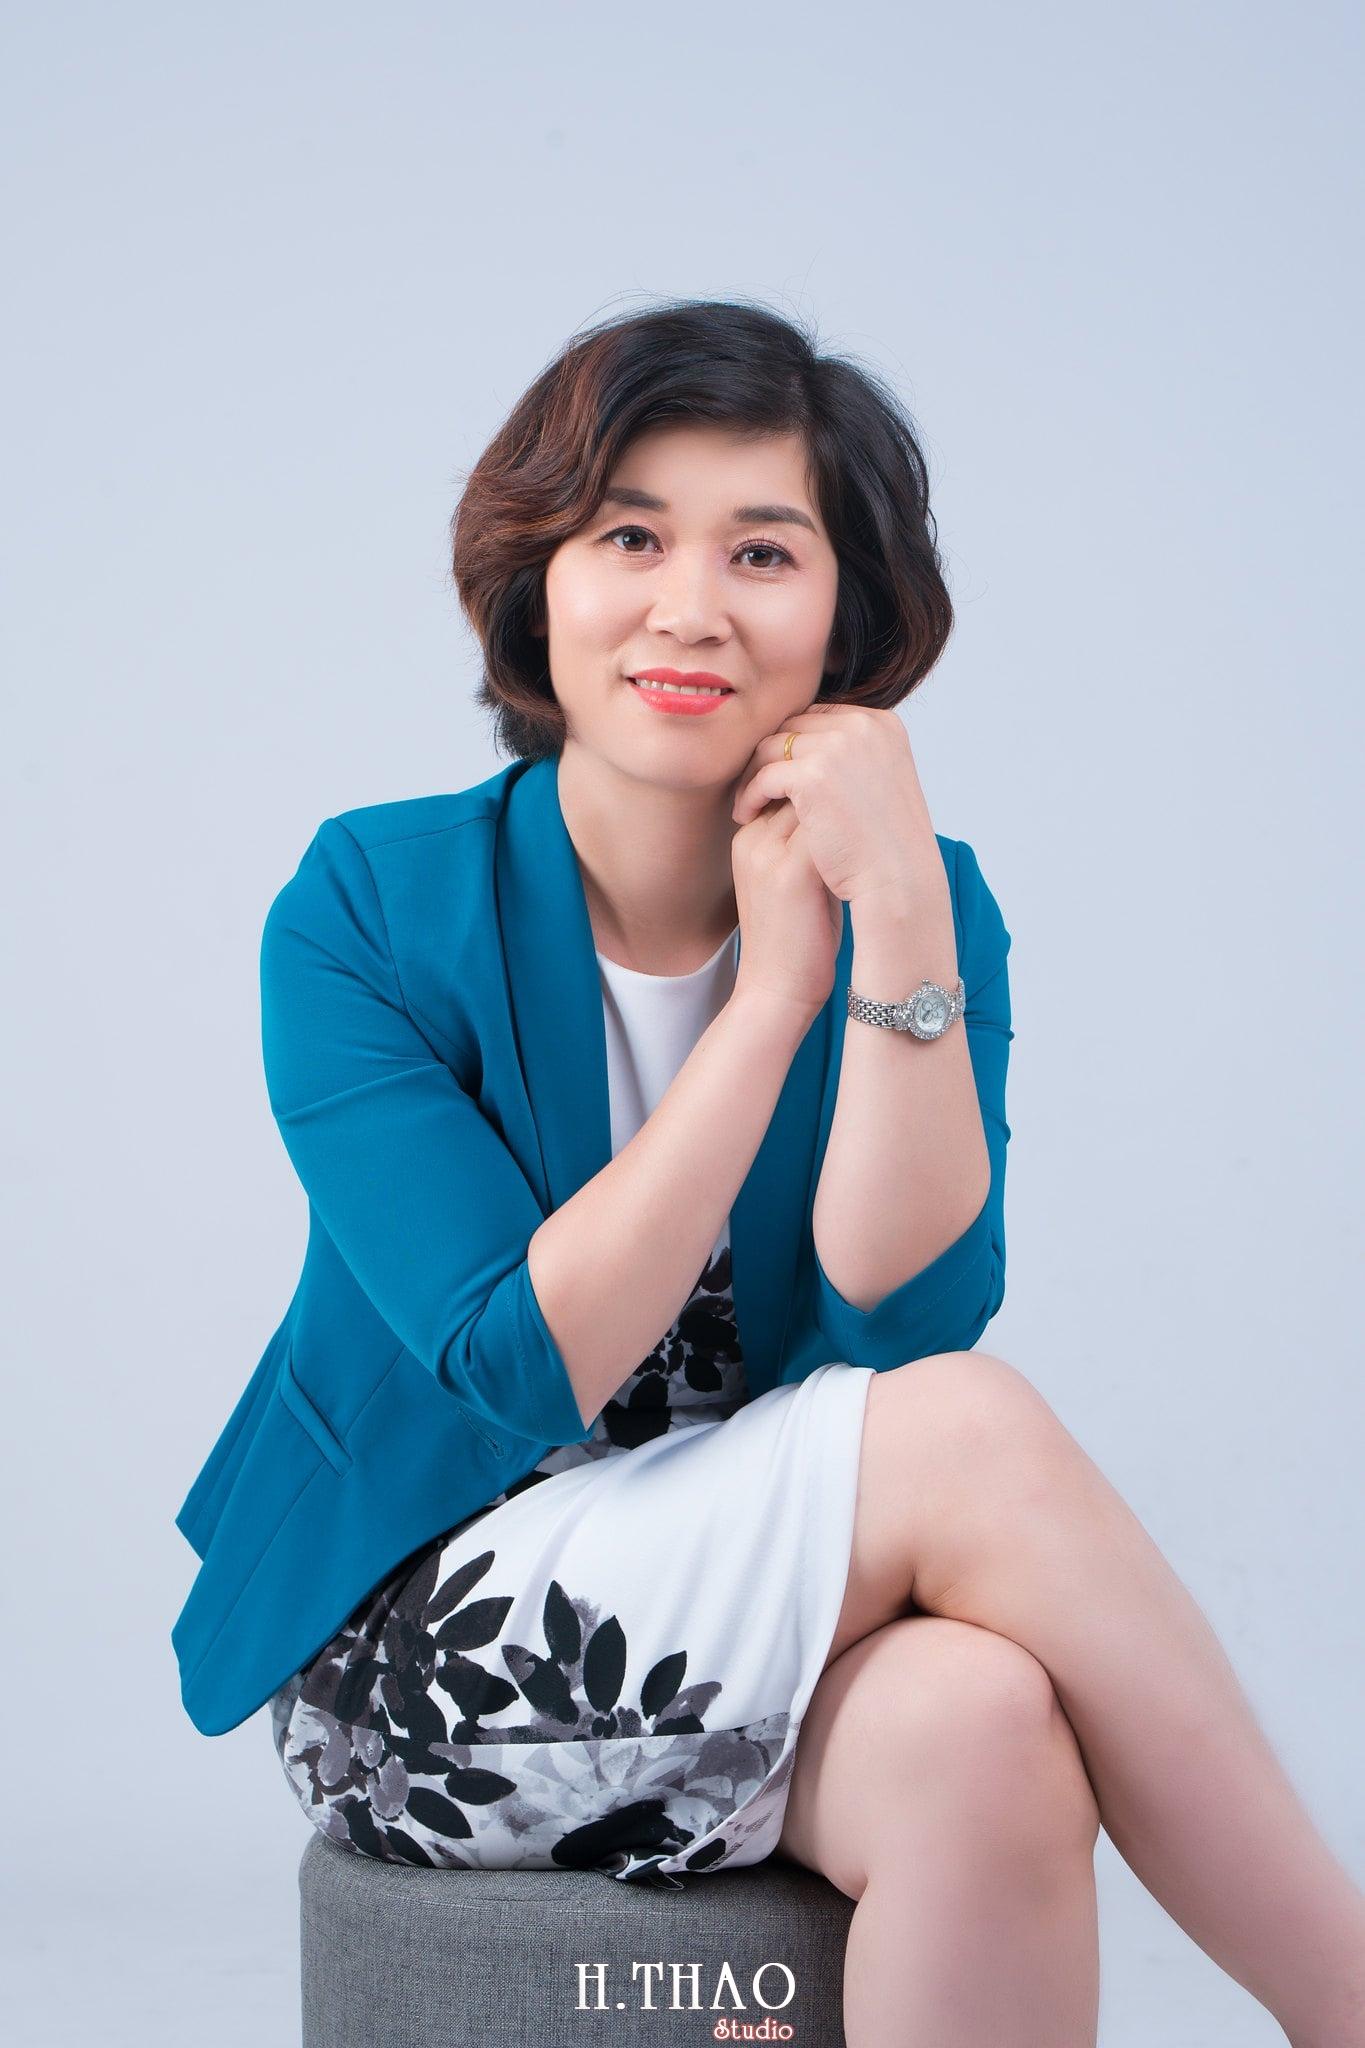 chan dung nu 3 - Album ảnh doanh nhân chị Quỳnh sang trọng, quý phái - HThao Studio